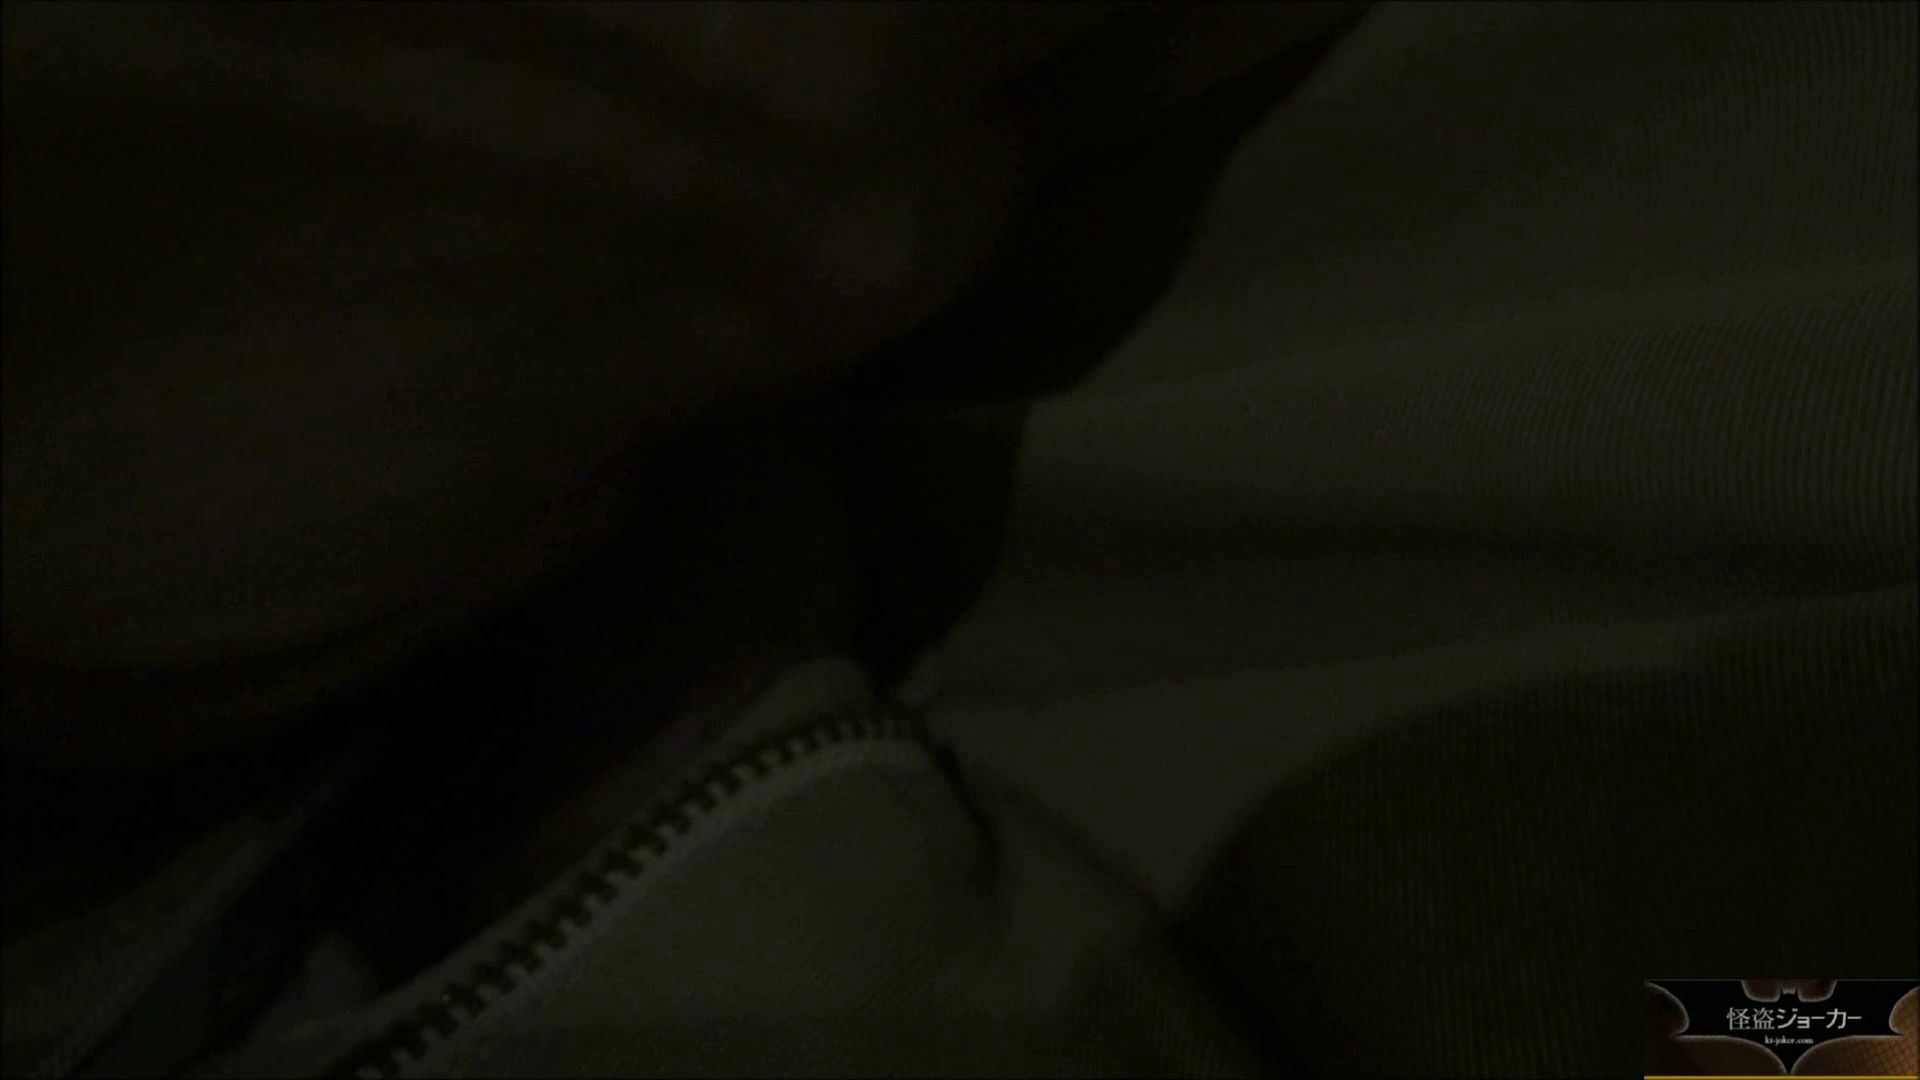 【一番下の~葵~】【未公開】vol.23 一緒にいる時間を惜しみながら・・・ OLの実態  36pic 4